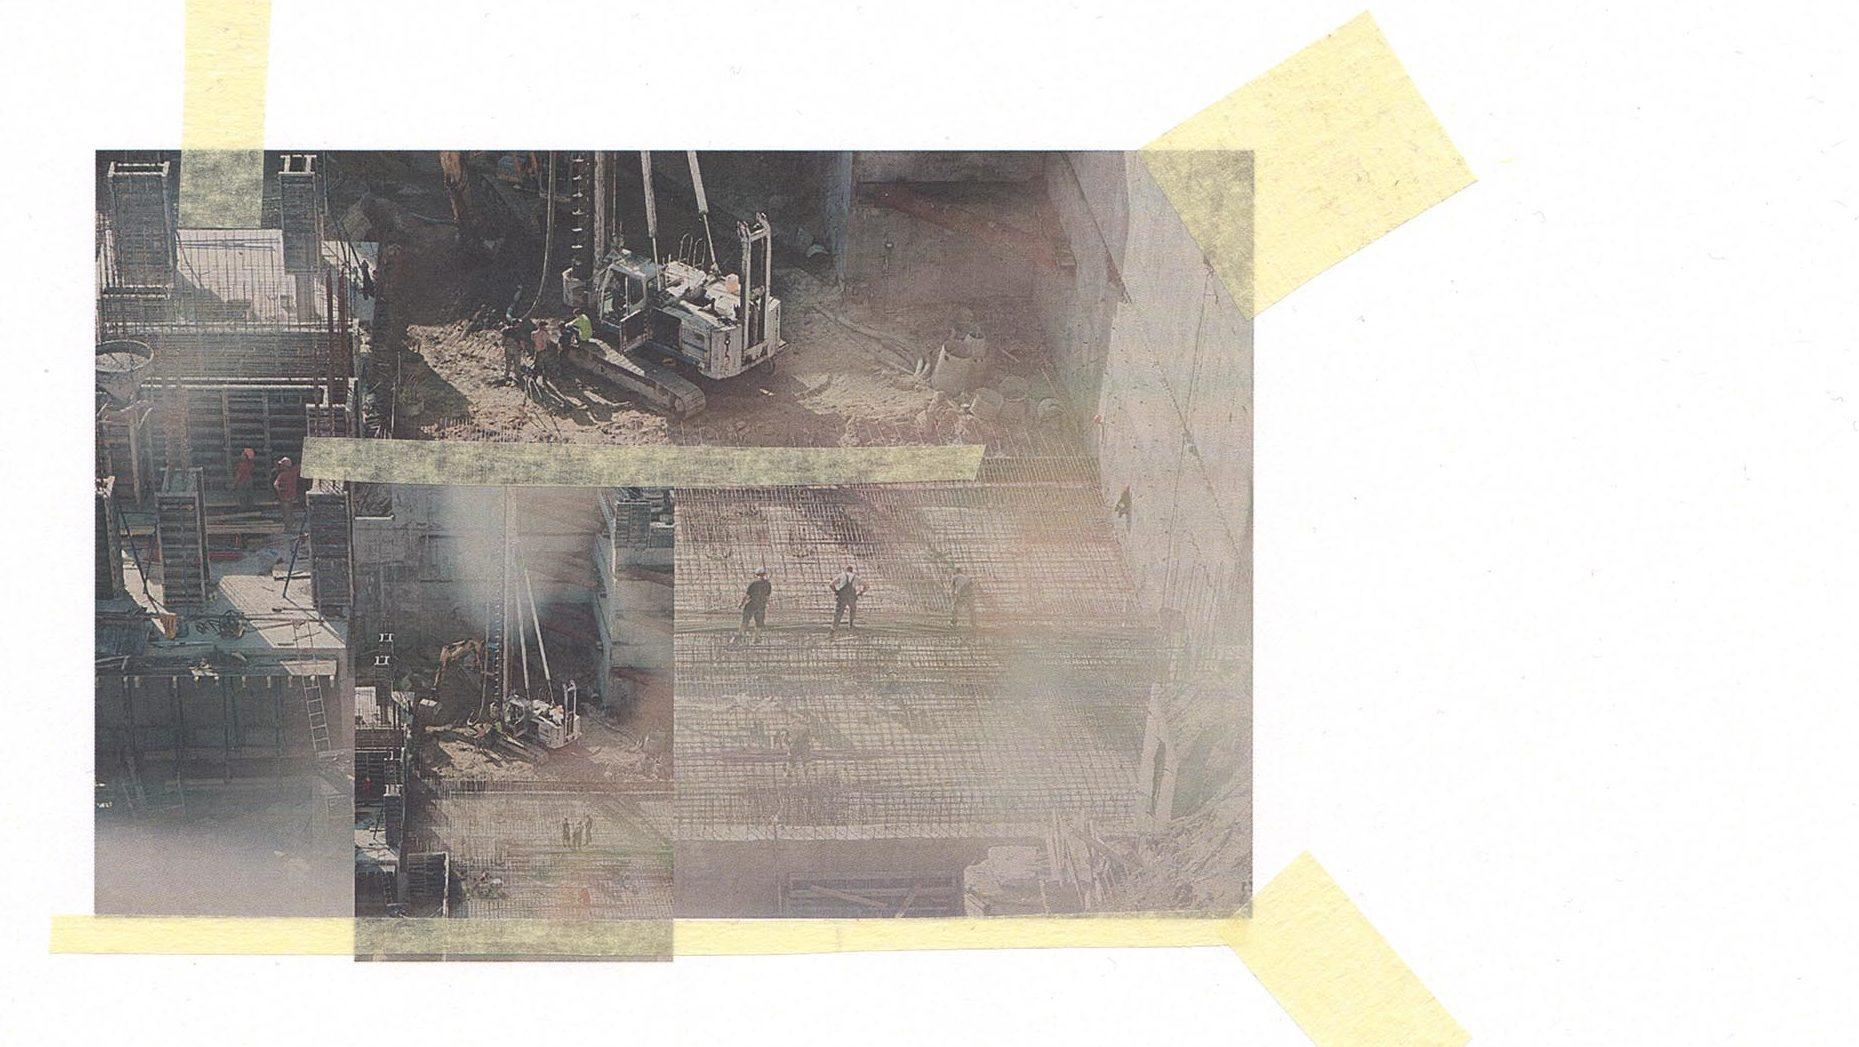 z sayenko 09 censorship 051220 edited 1 - <b>Спи міцно, моє будівництво.</b> Проєкт Олесі Саєнко — у «Рівні цензури» - Заборона